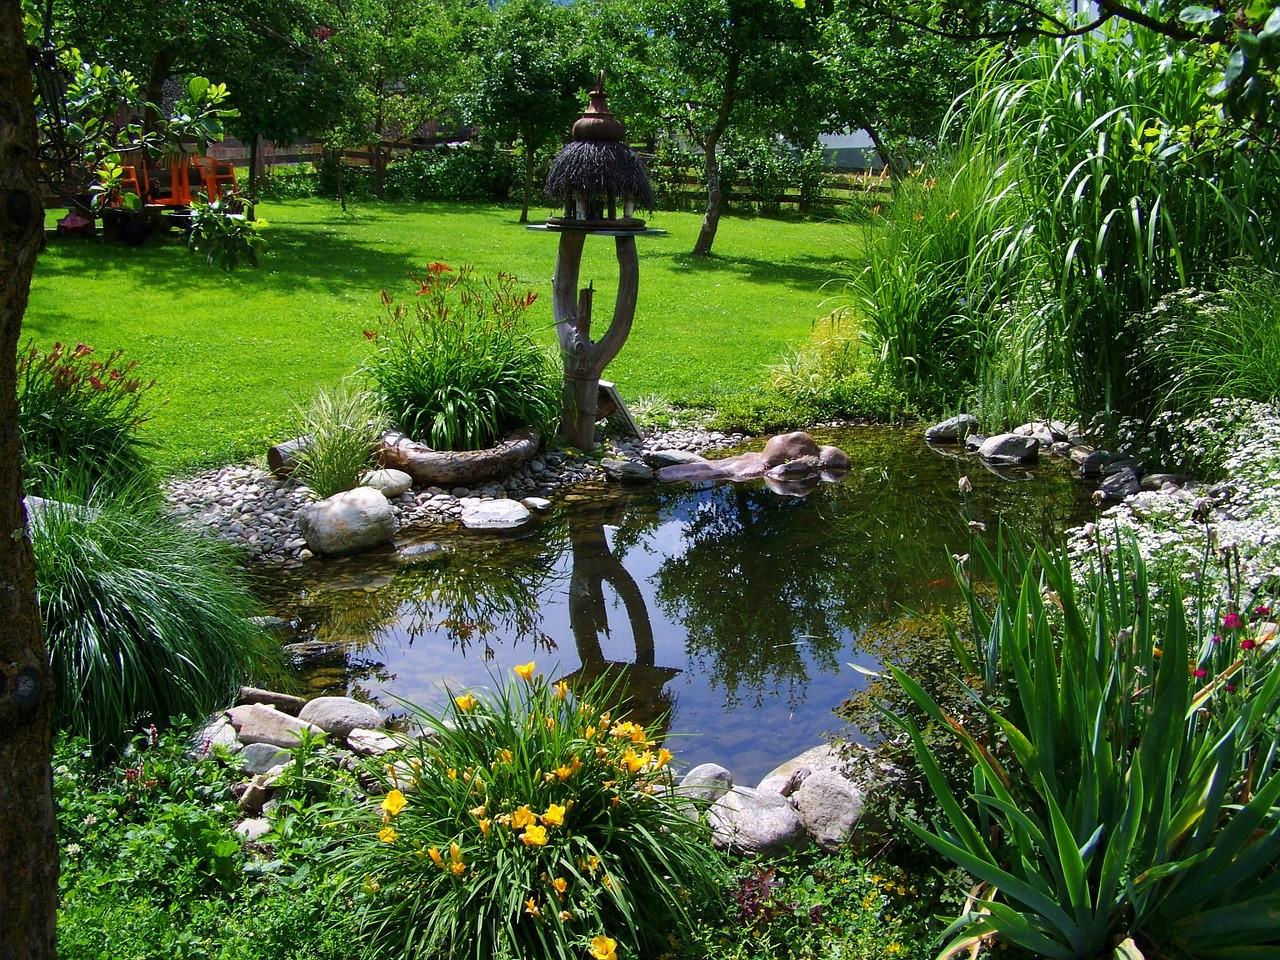 Construire Son Bassin De Jardin construire un bassin au jardin : c'est facile - city plante